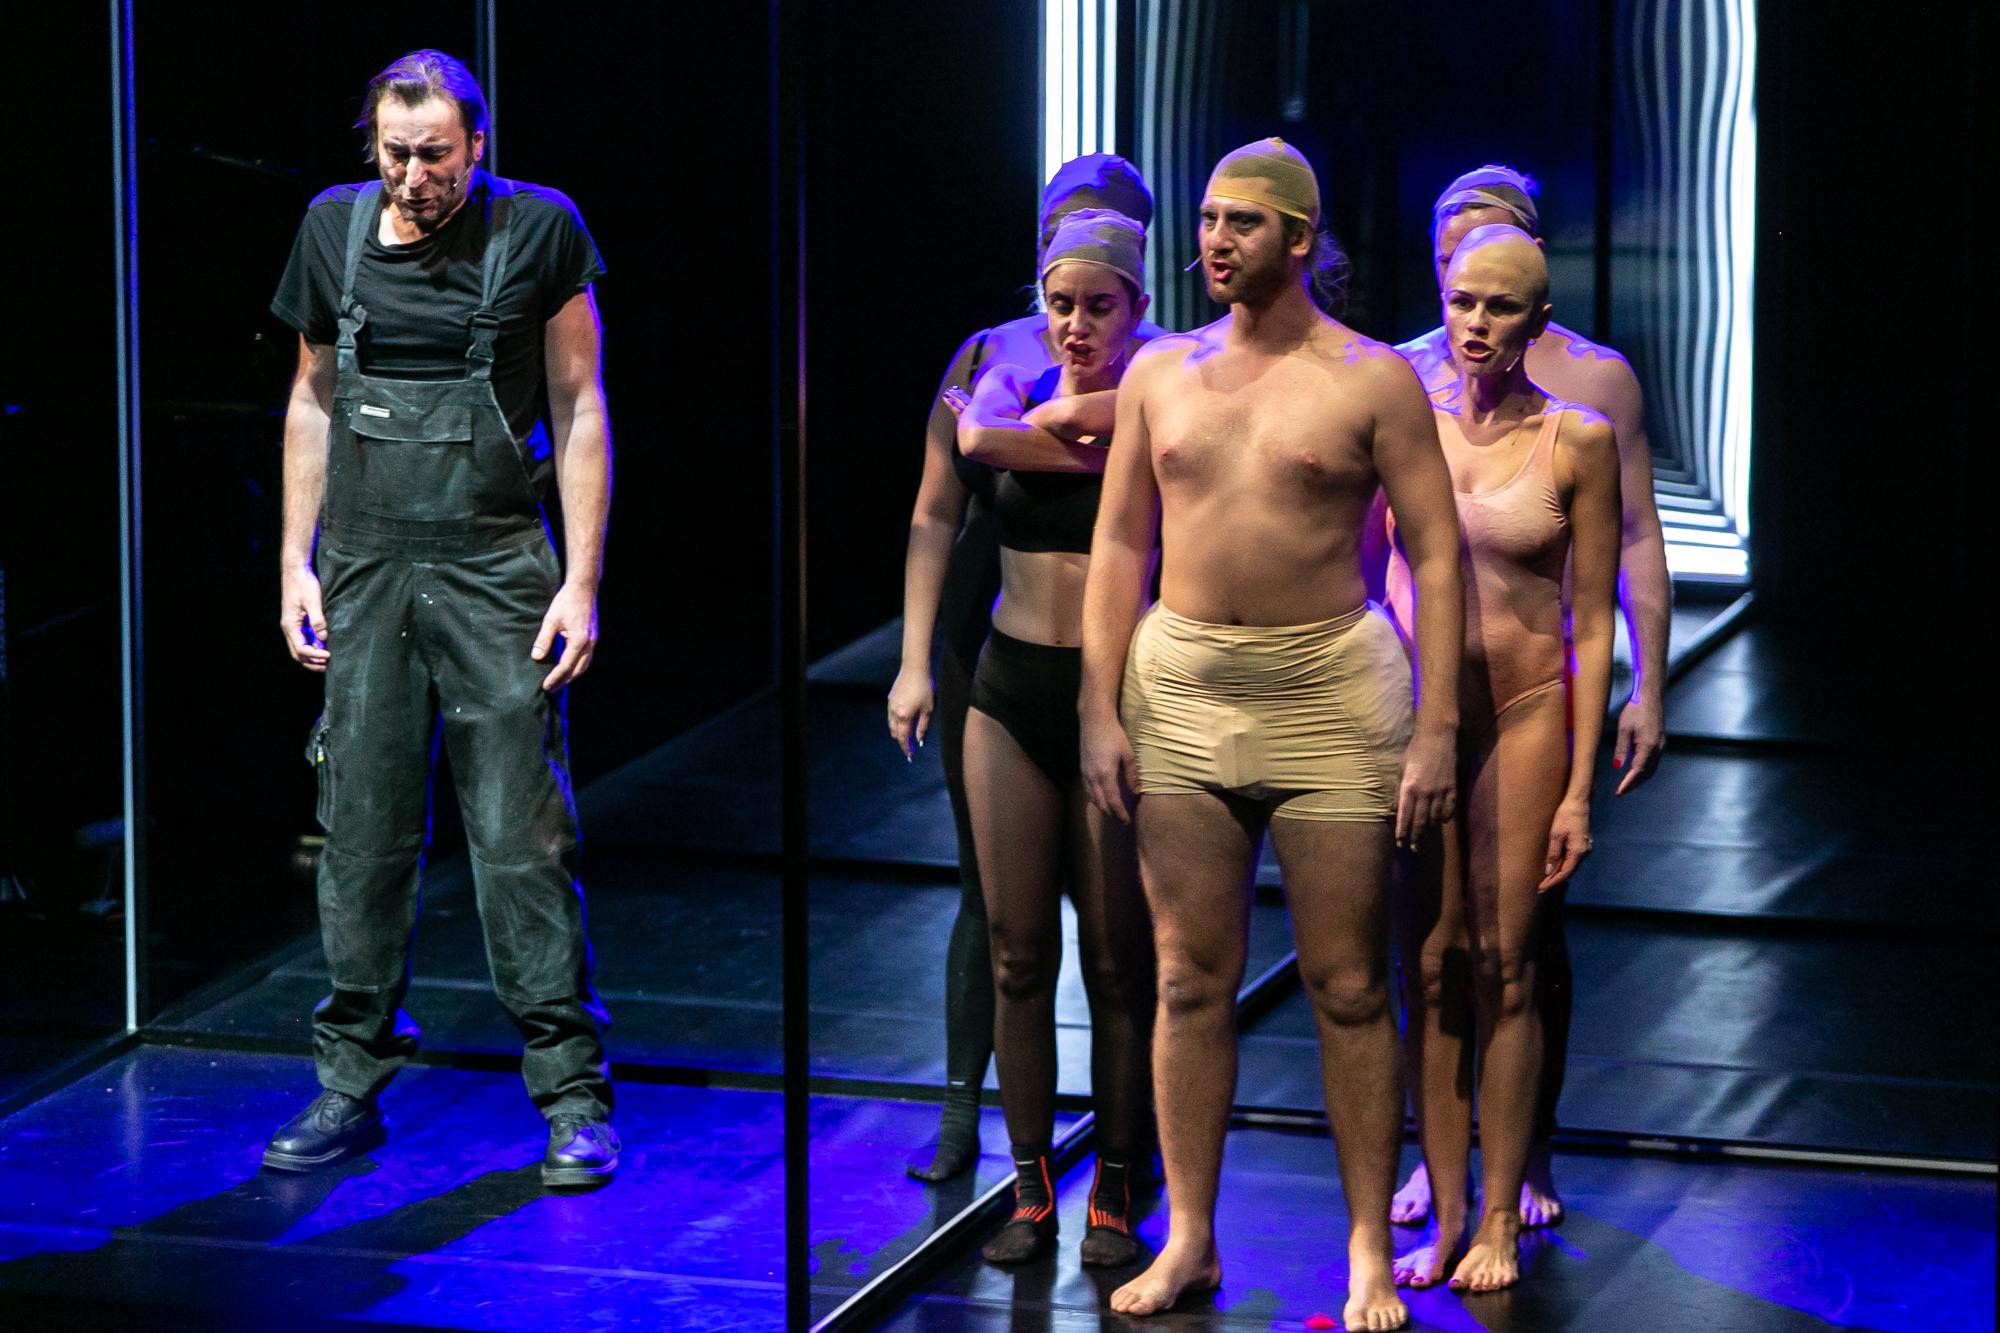 Na scenie oświetlonej błękitnym światłem po lewej stronie stoi Techniczny - wysoki mężczyzna w roboczym stroju, po prawej - grupk drag queens w bieliźnie i siatkach na włosy. Z przodu grupy Piotr Piękny - mężczyzna ubrany w cieliste, duże majtki z poduszkami imitującymi kształt kobiecych bioder.